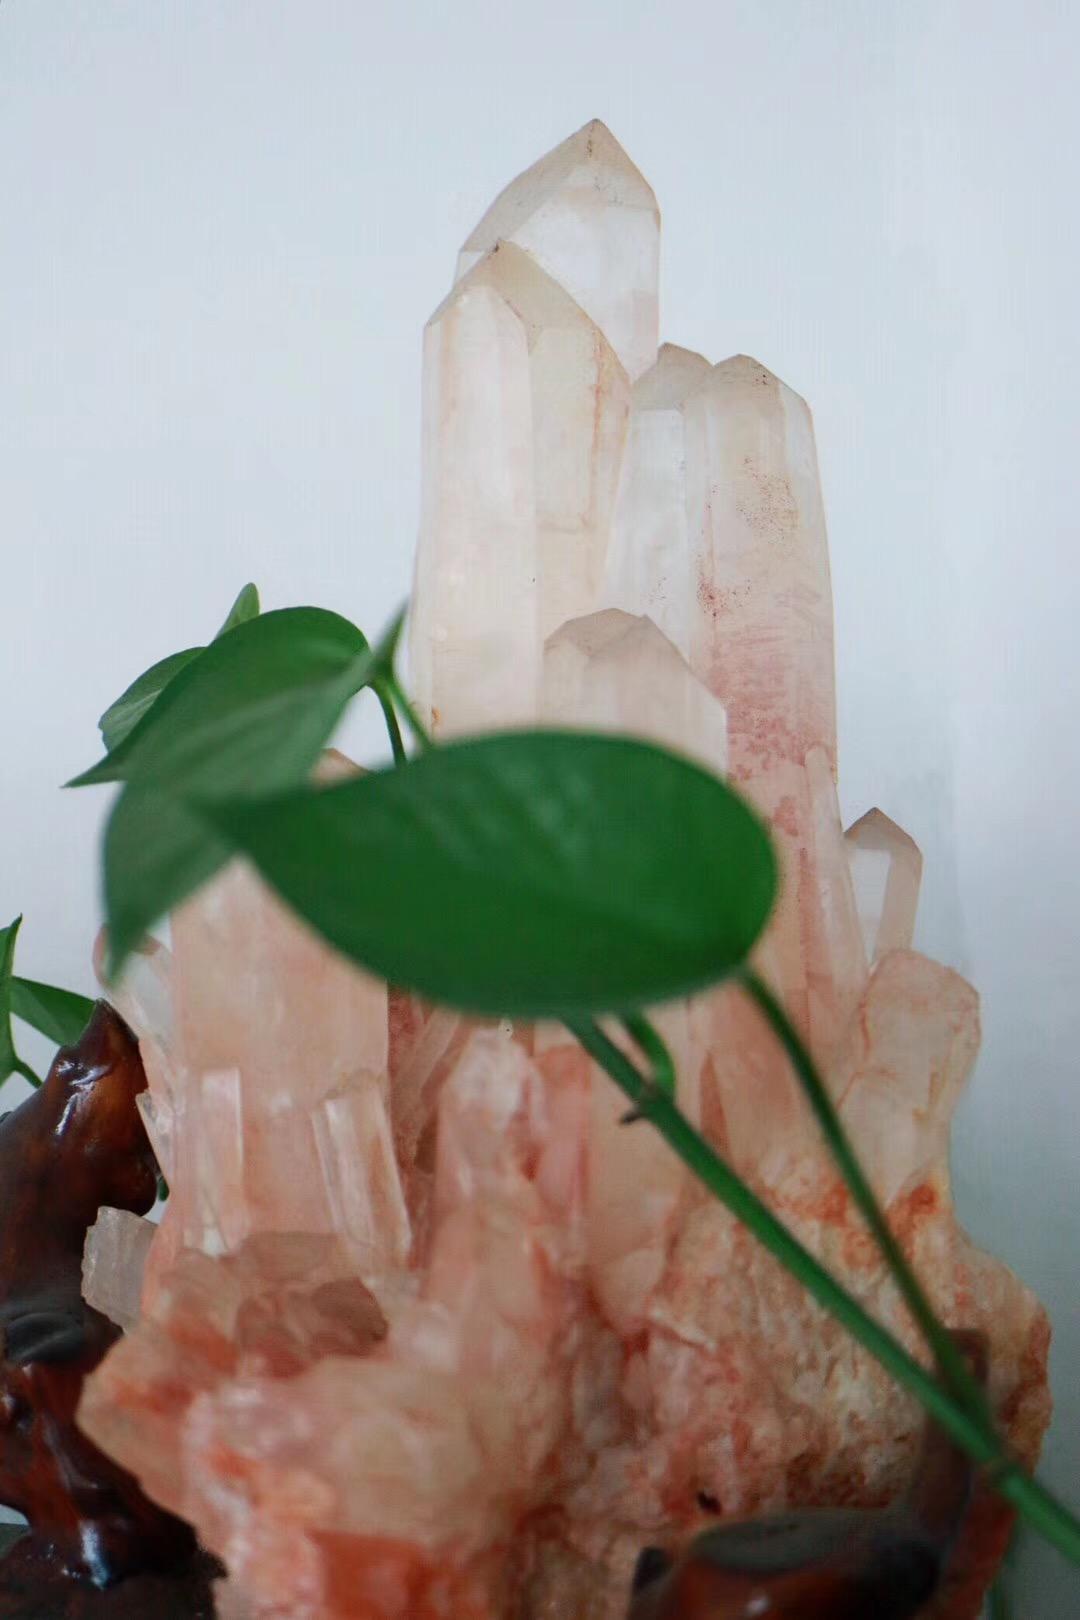 【菩心 | 白水晶簇】可助提升空间磁场改善风水~~-菩心晶舍